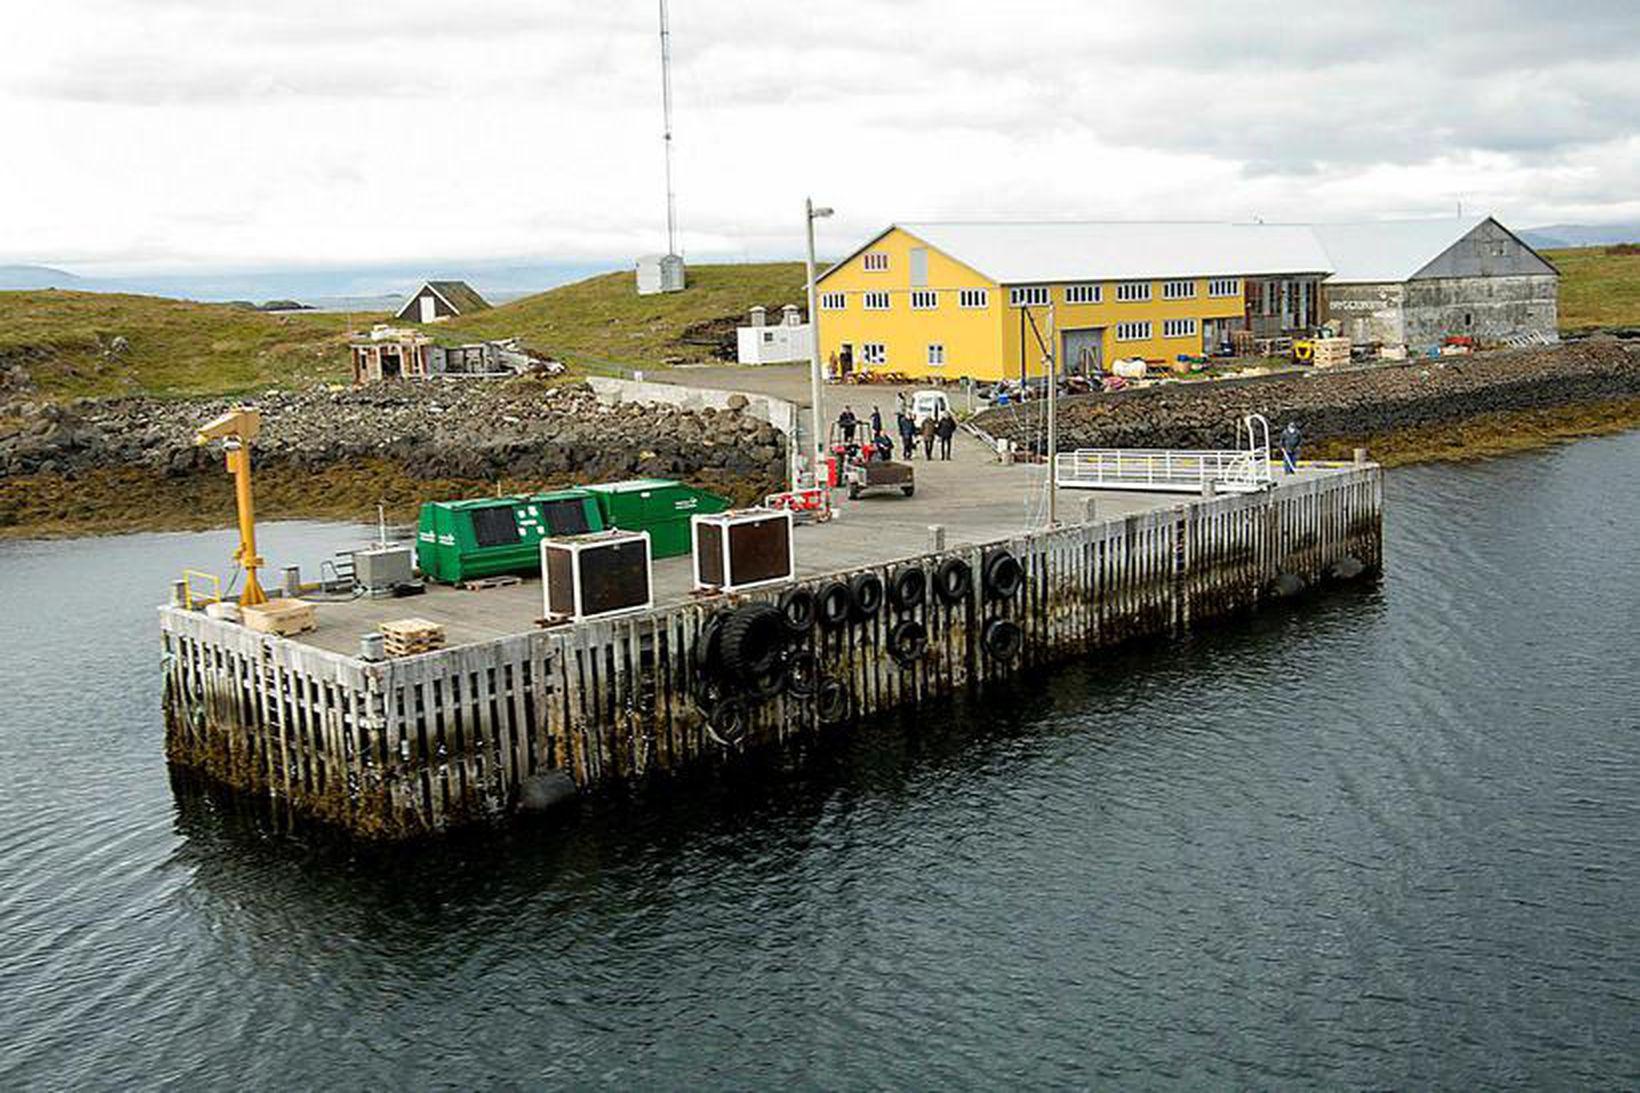 Bryggjan í Flatey þarfnast viðgerða og viðhalds.